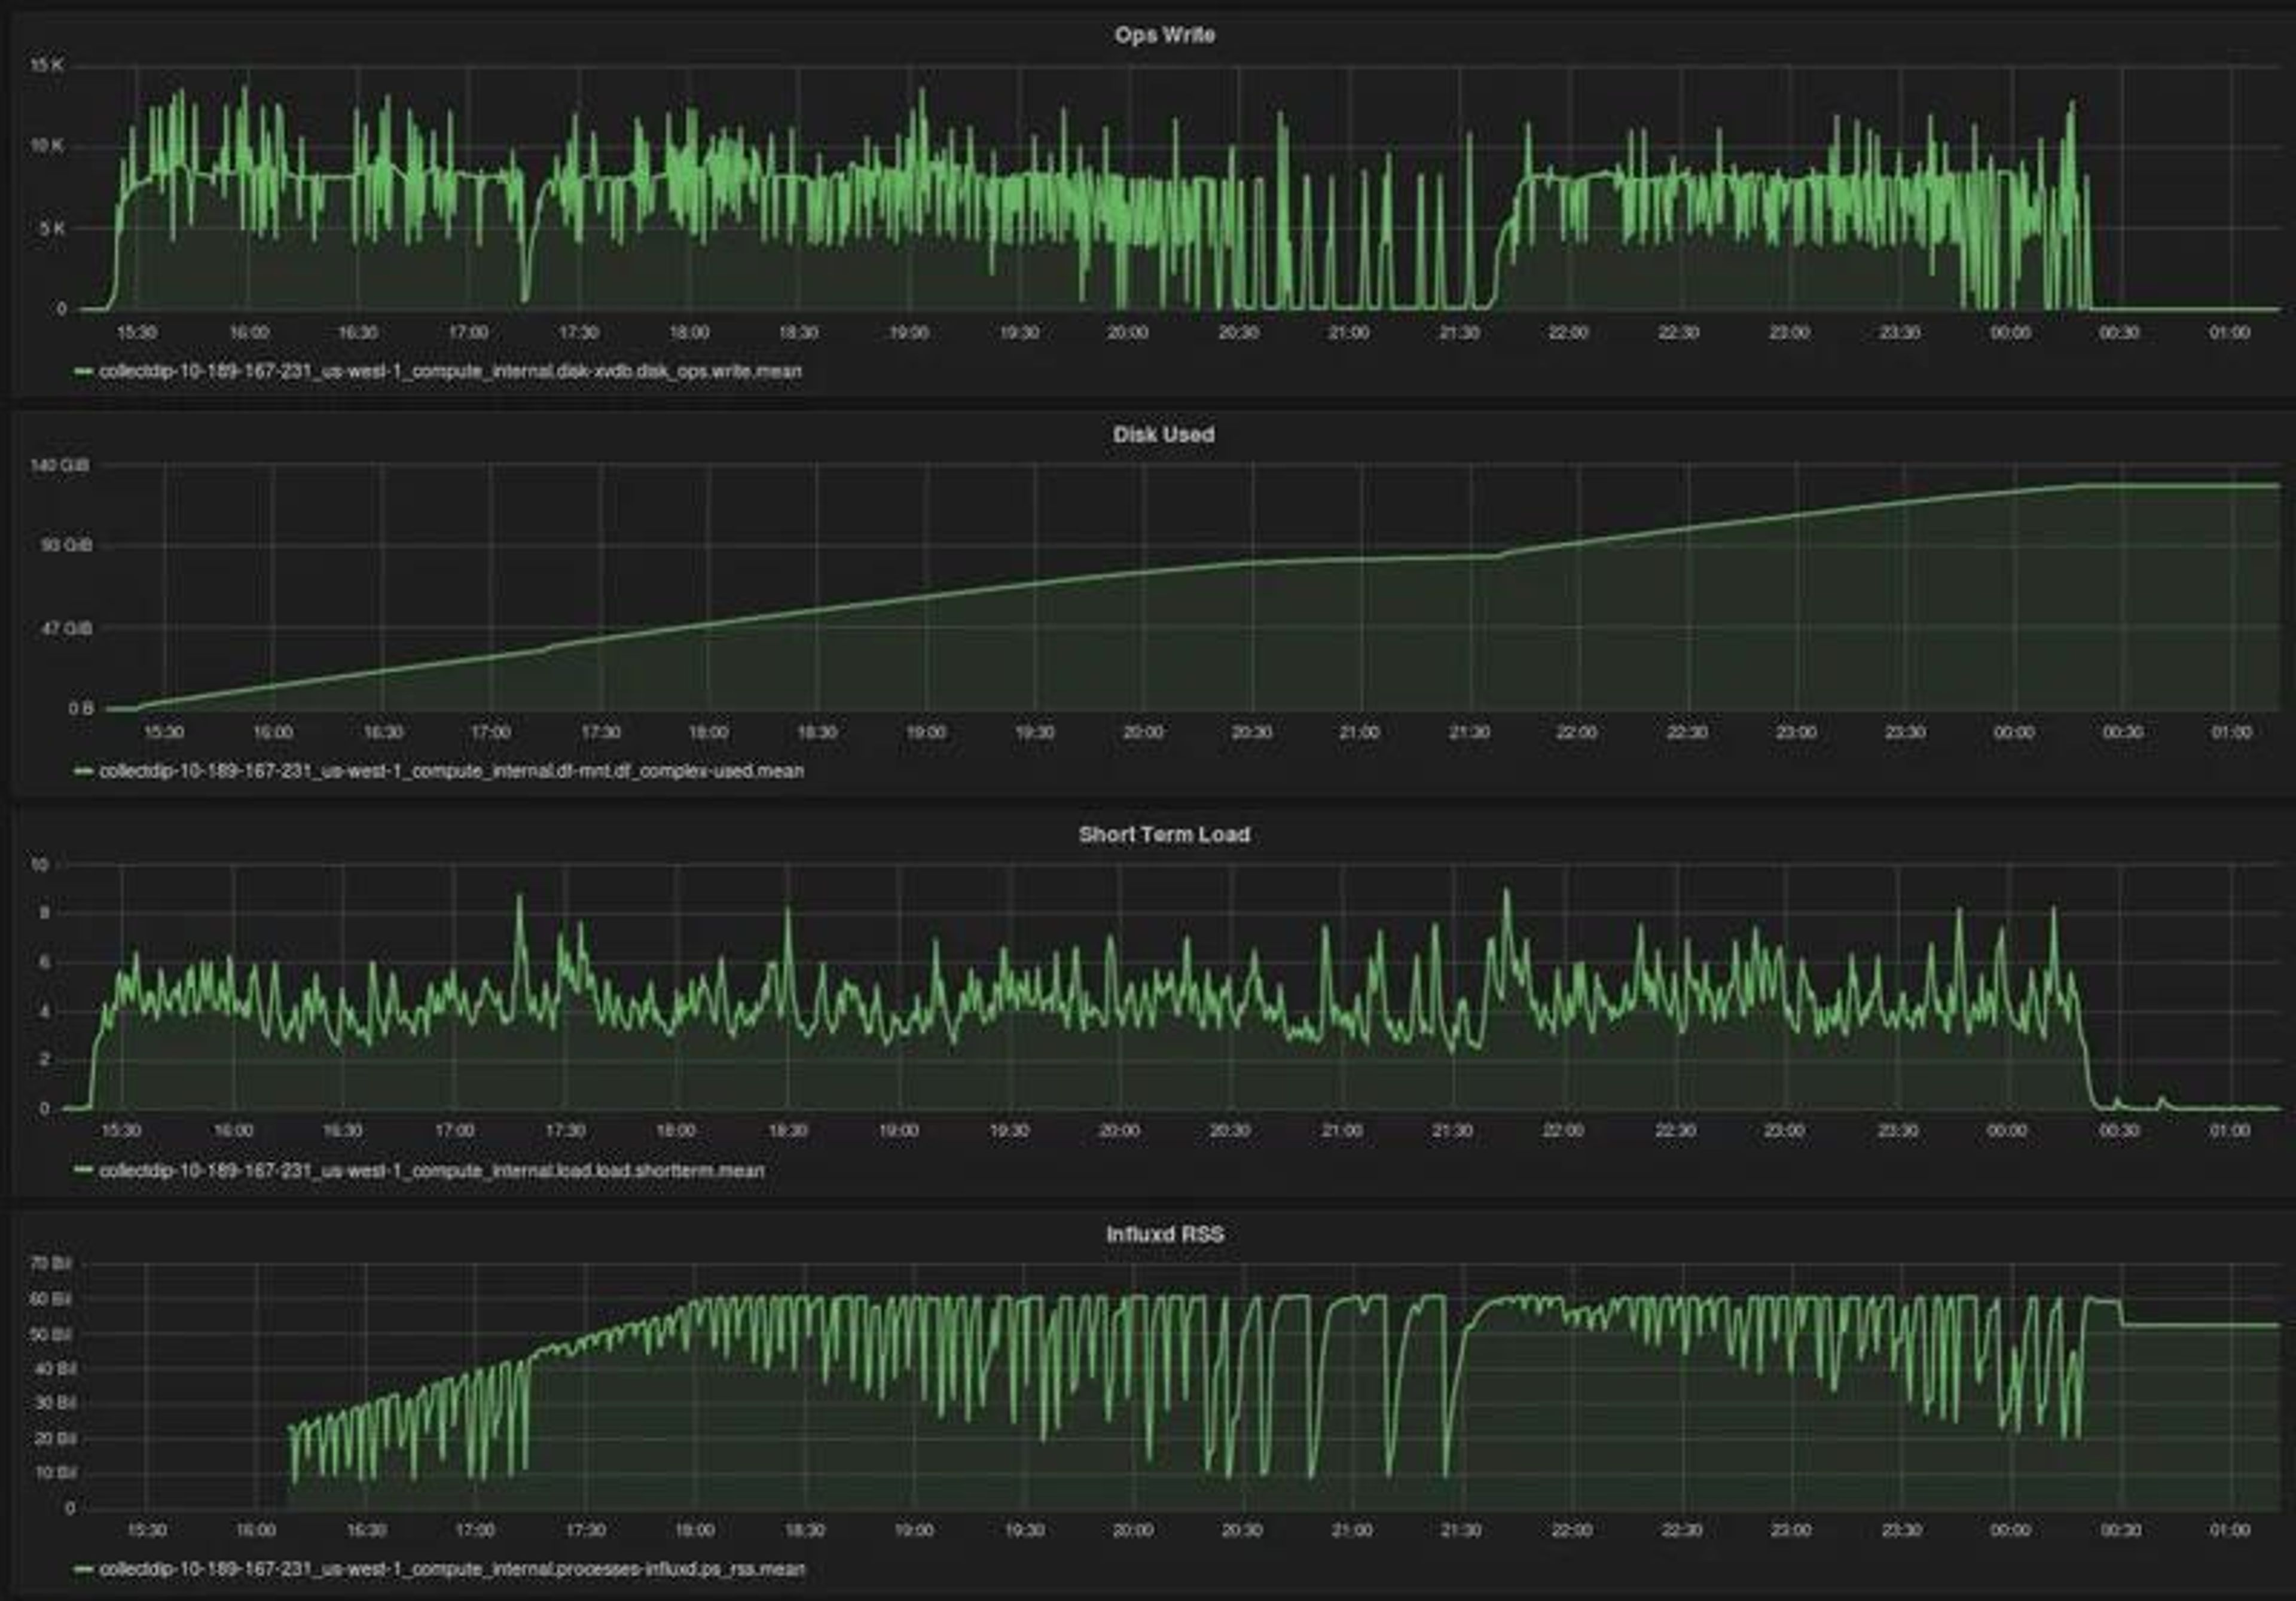 Les données de monitoring sont des données de type Time Series qui collectent à interval régulier l'état d'usage de l'infrastructure